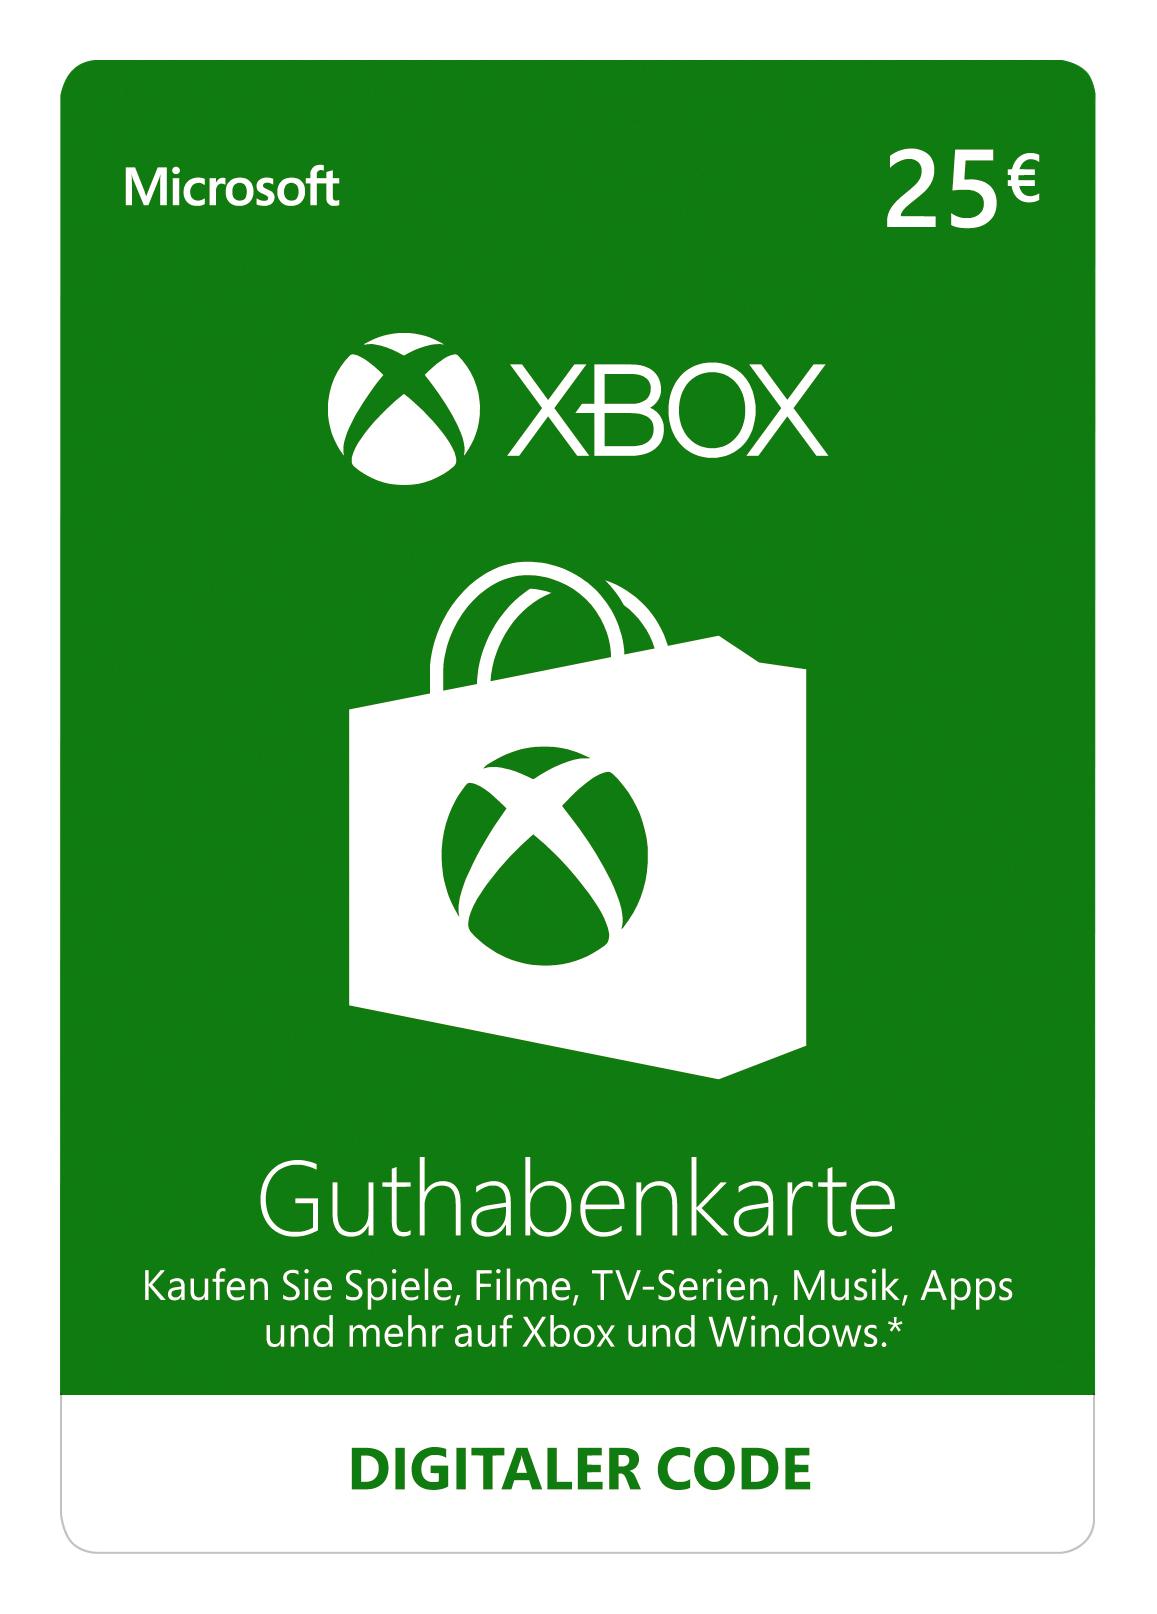 [Amazon.de] 25€ Xbox Live Guthaben für 21,99€ / 35€ Guthaben für 30€